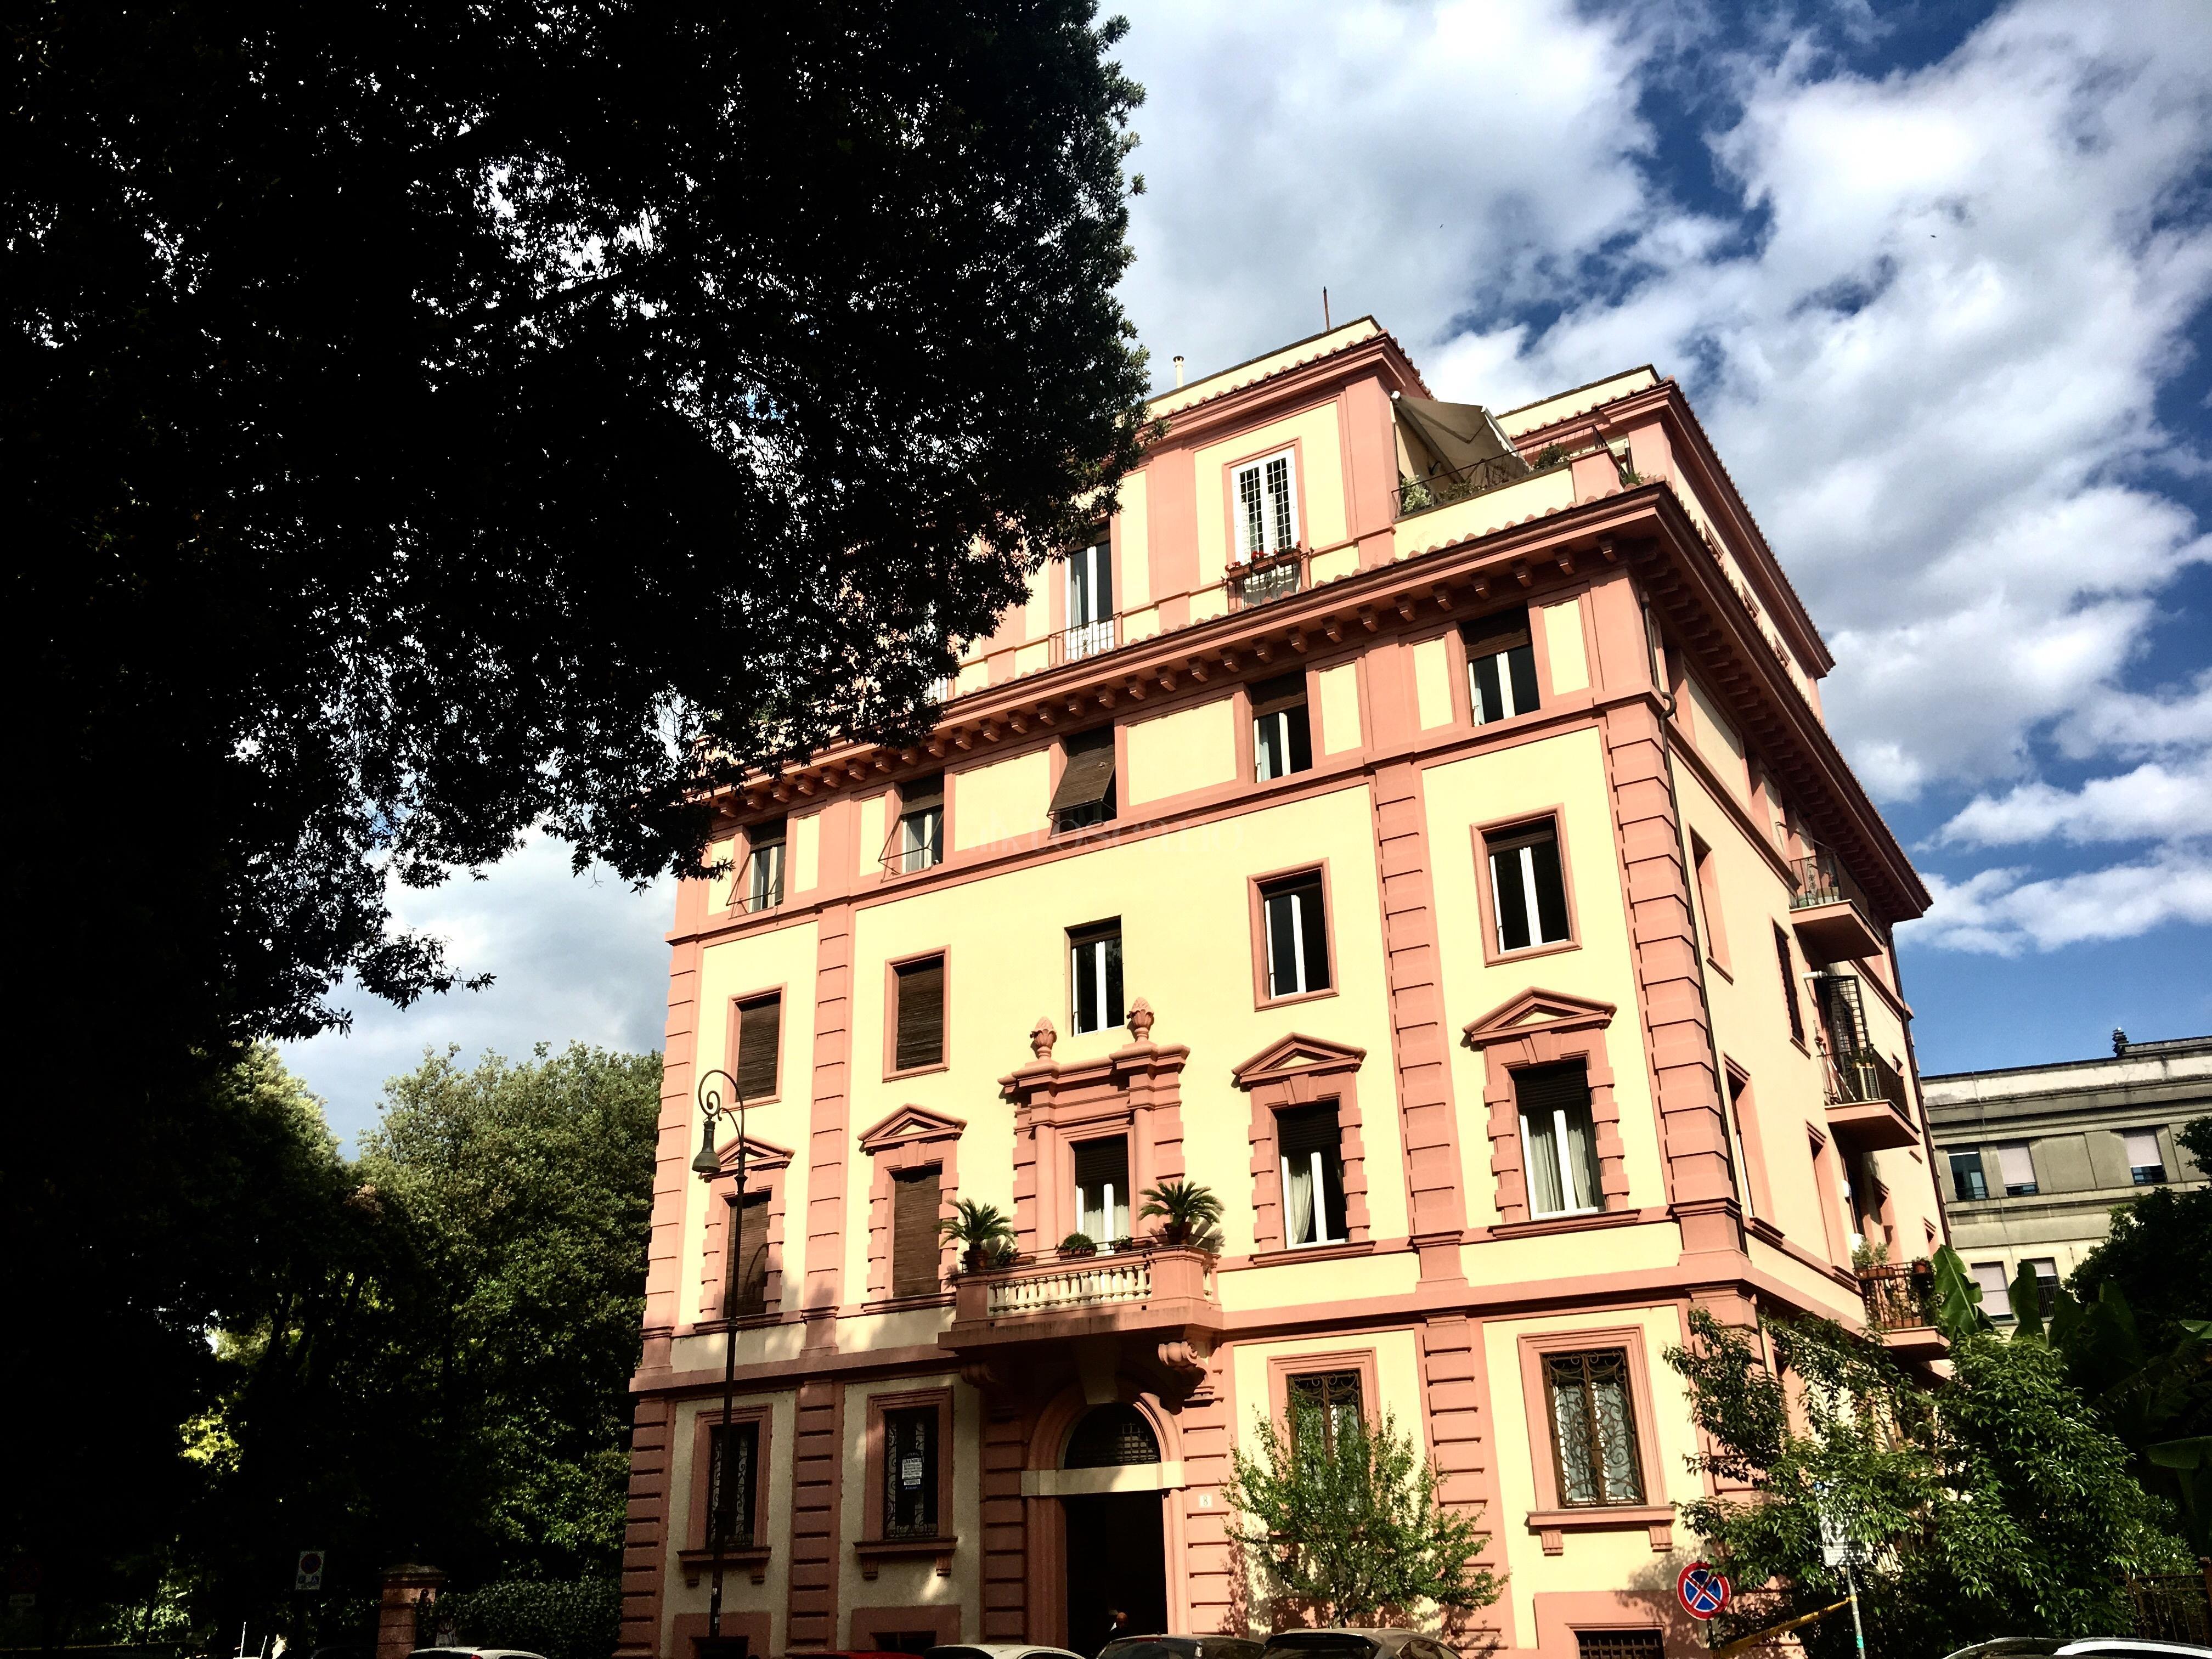 Ufficio In Vendita Roma : Vendita ufficio a roma in mazzini p zza del fante delle vittorie